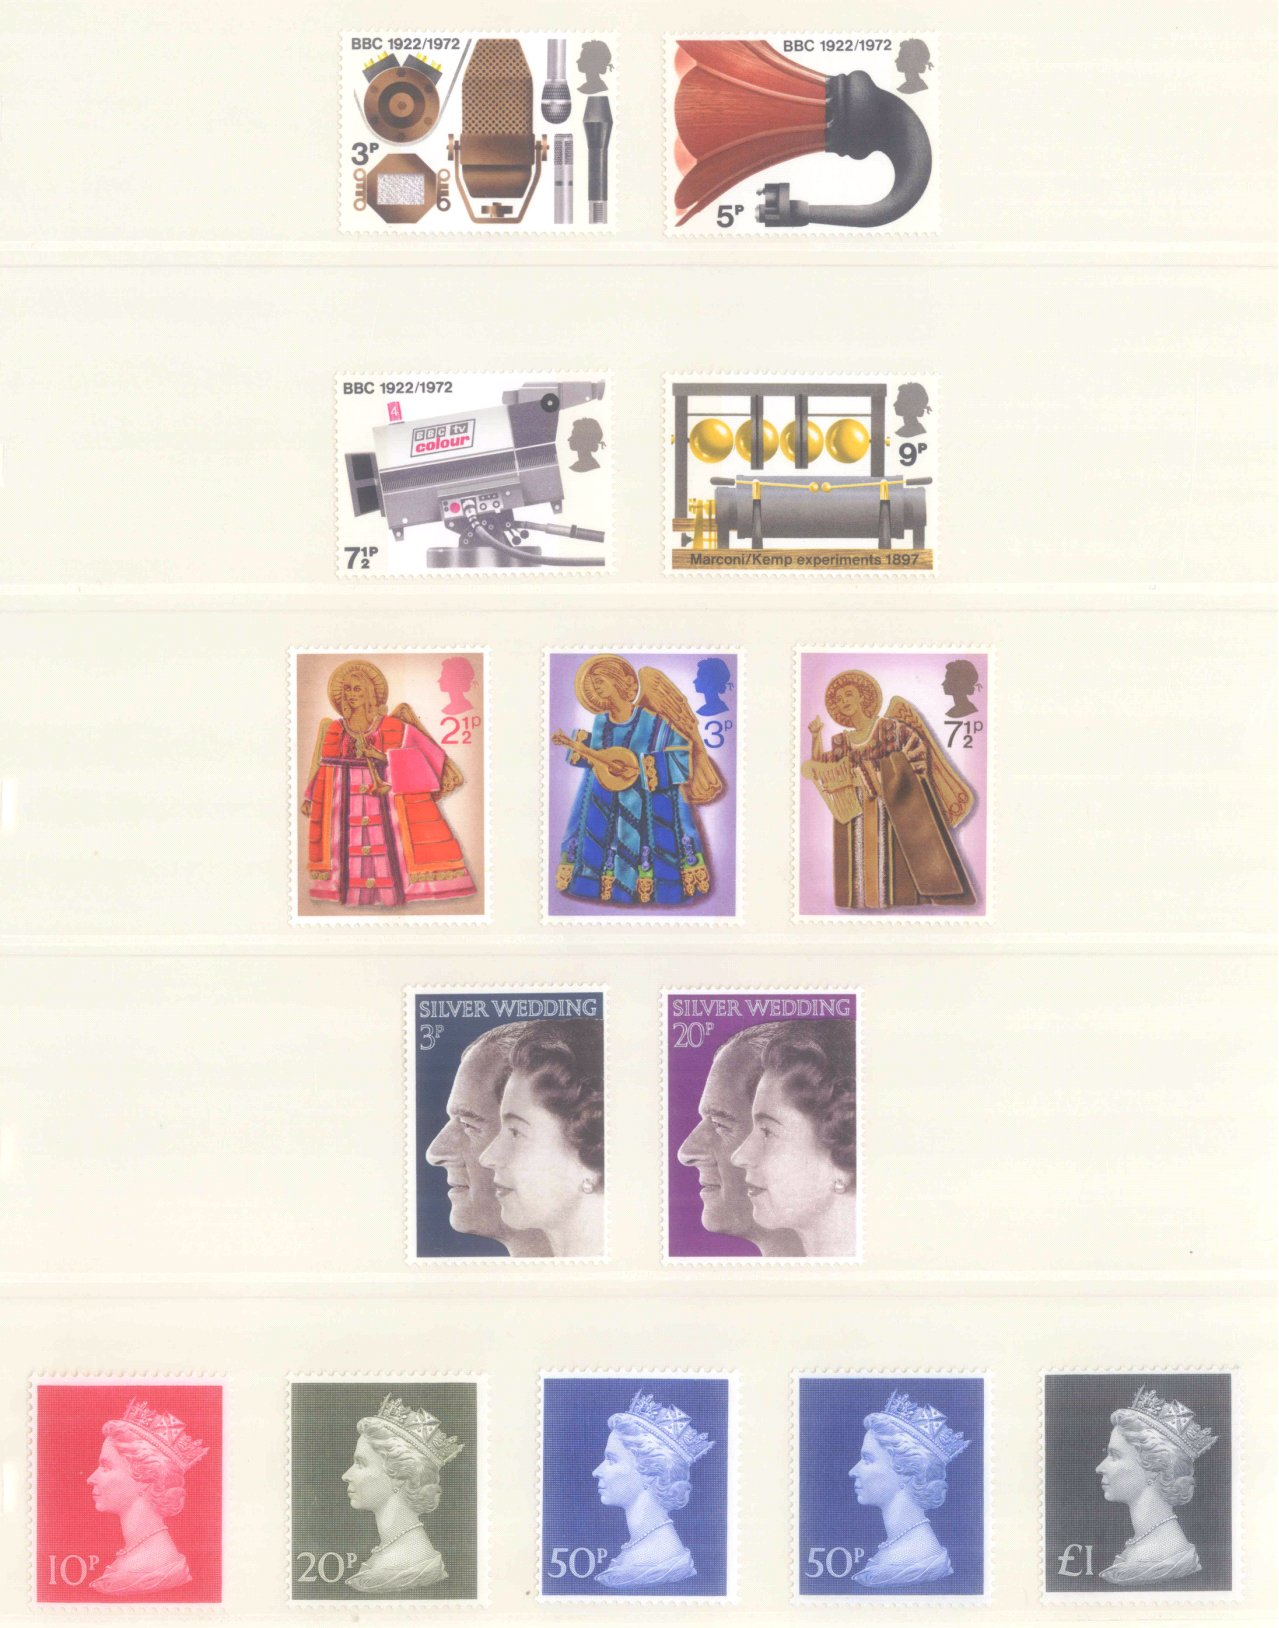 GROSSBRITANNIEN 1967-1985, NOMINALE: 82,- BRITISCHE PFUND-6